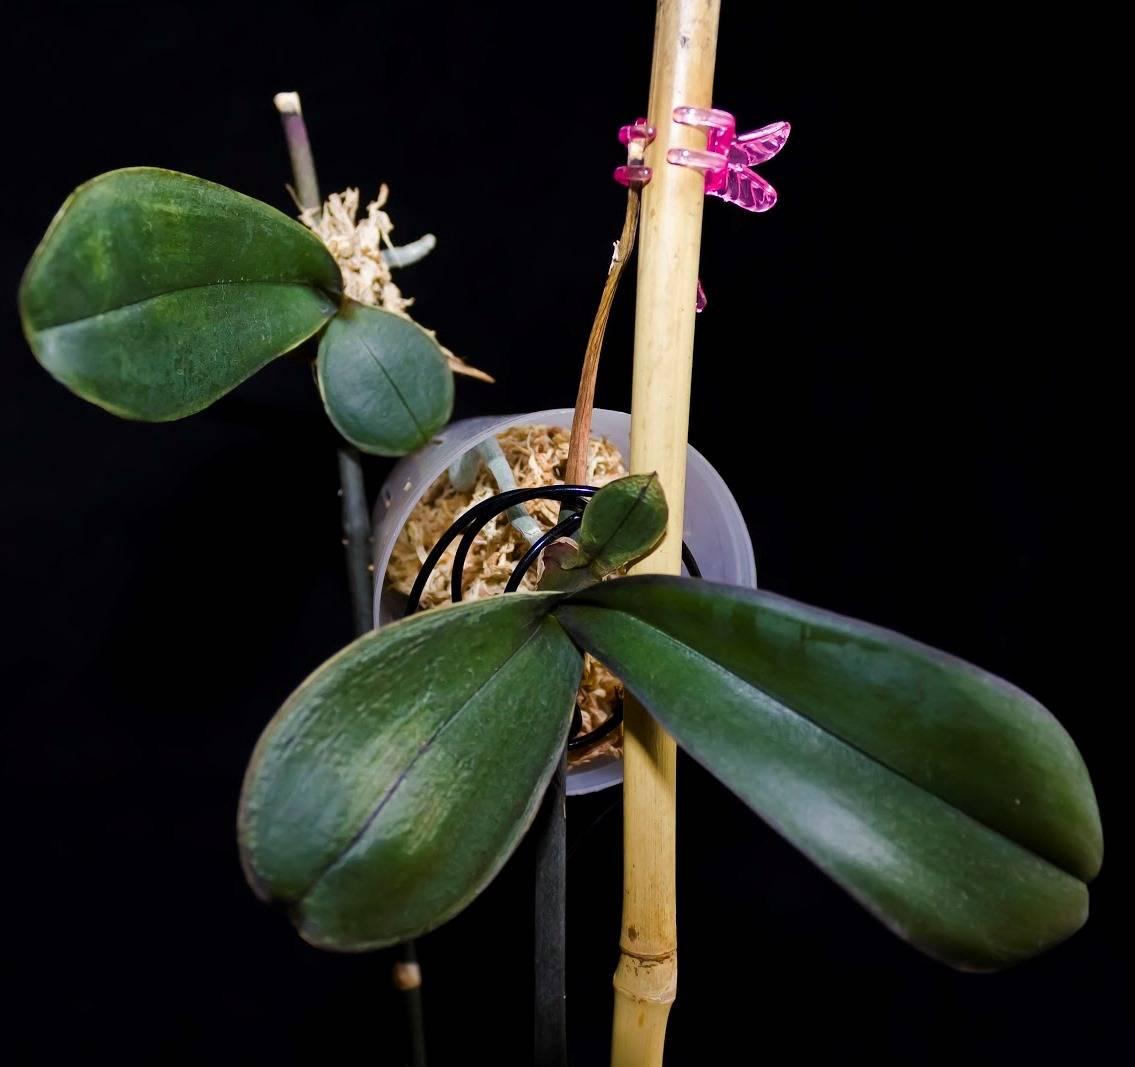 Болезни орхидей selo.guru — интернет портал о сельском хозяйстве